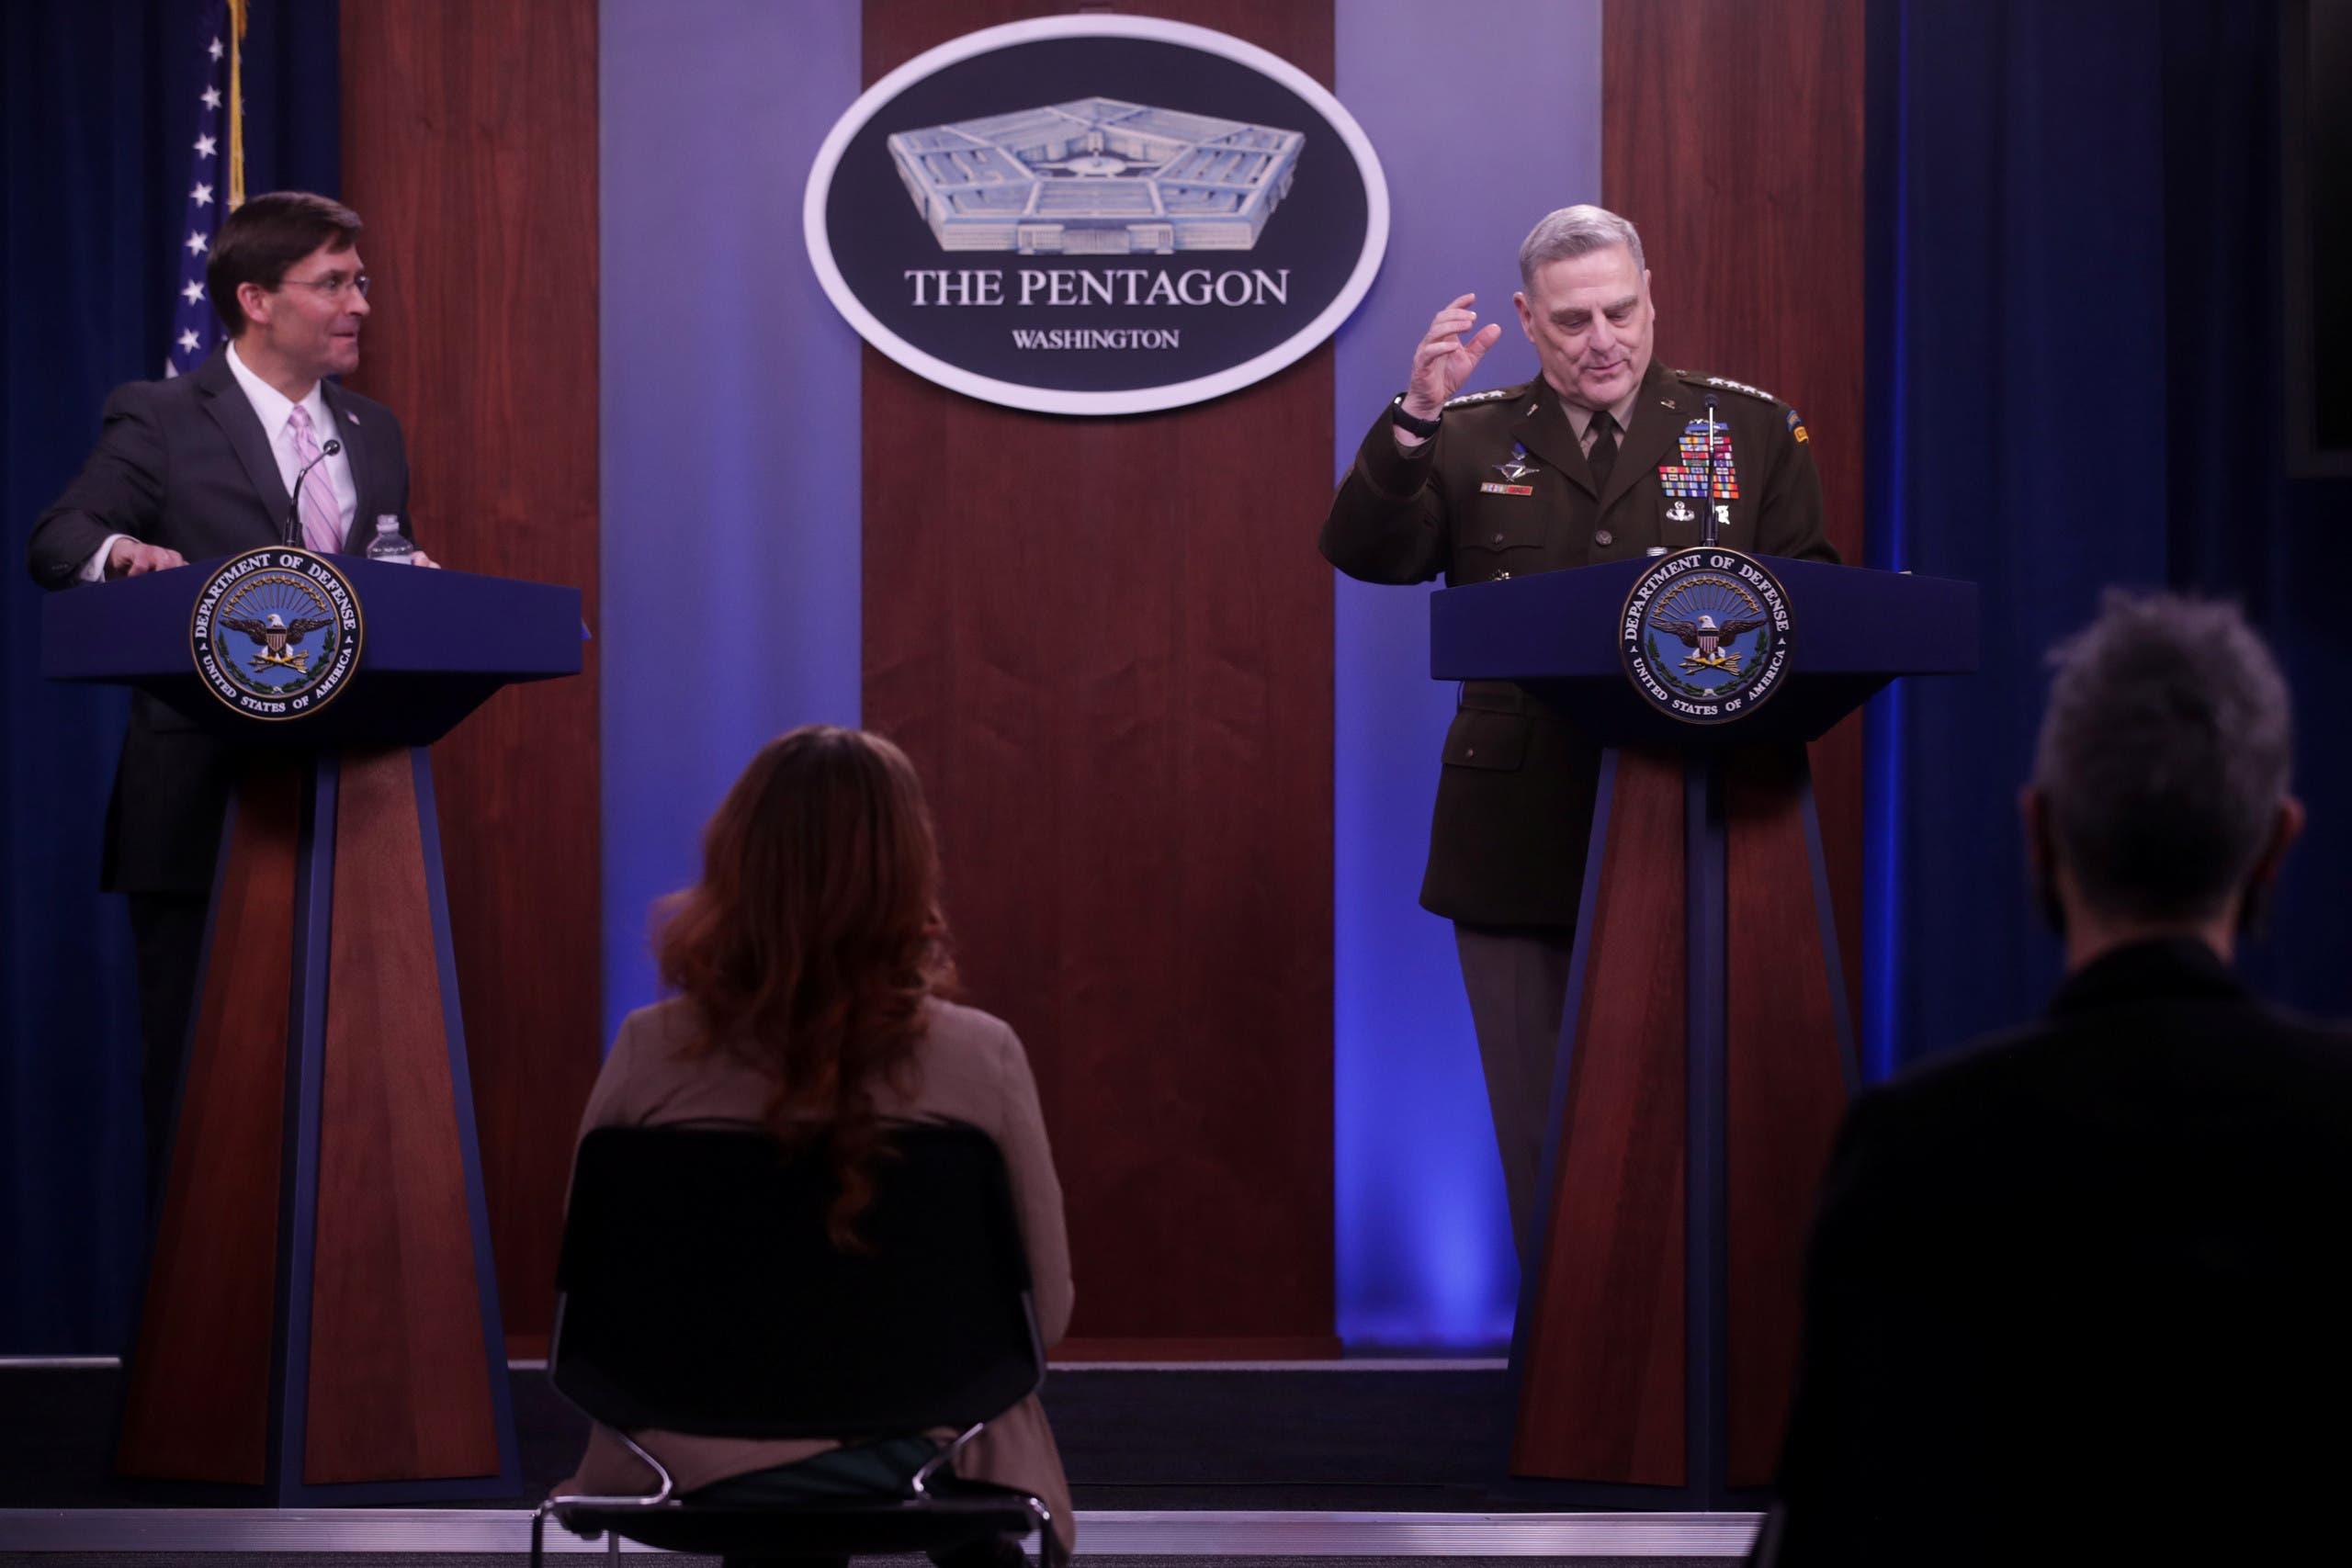 وزير الدفاع مارك إسبر مع رئيس هيئة الأركان الأميركية الجنرال مارك ميلي(أرشيفية- رويترز)